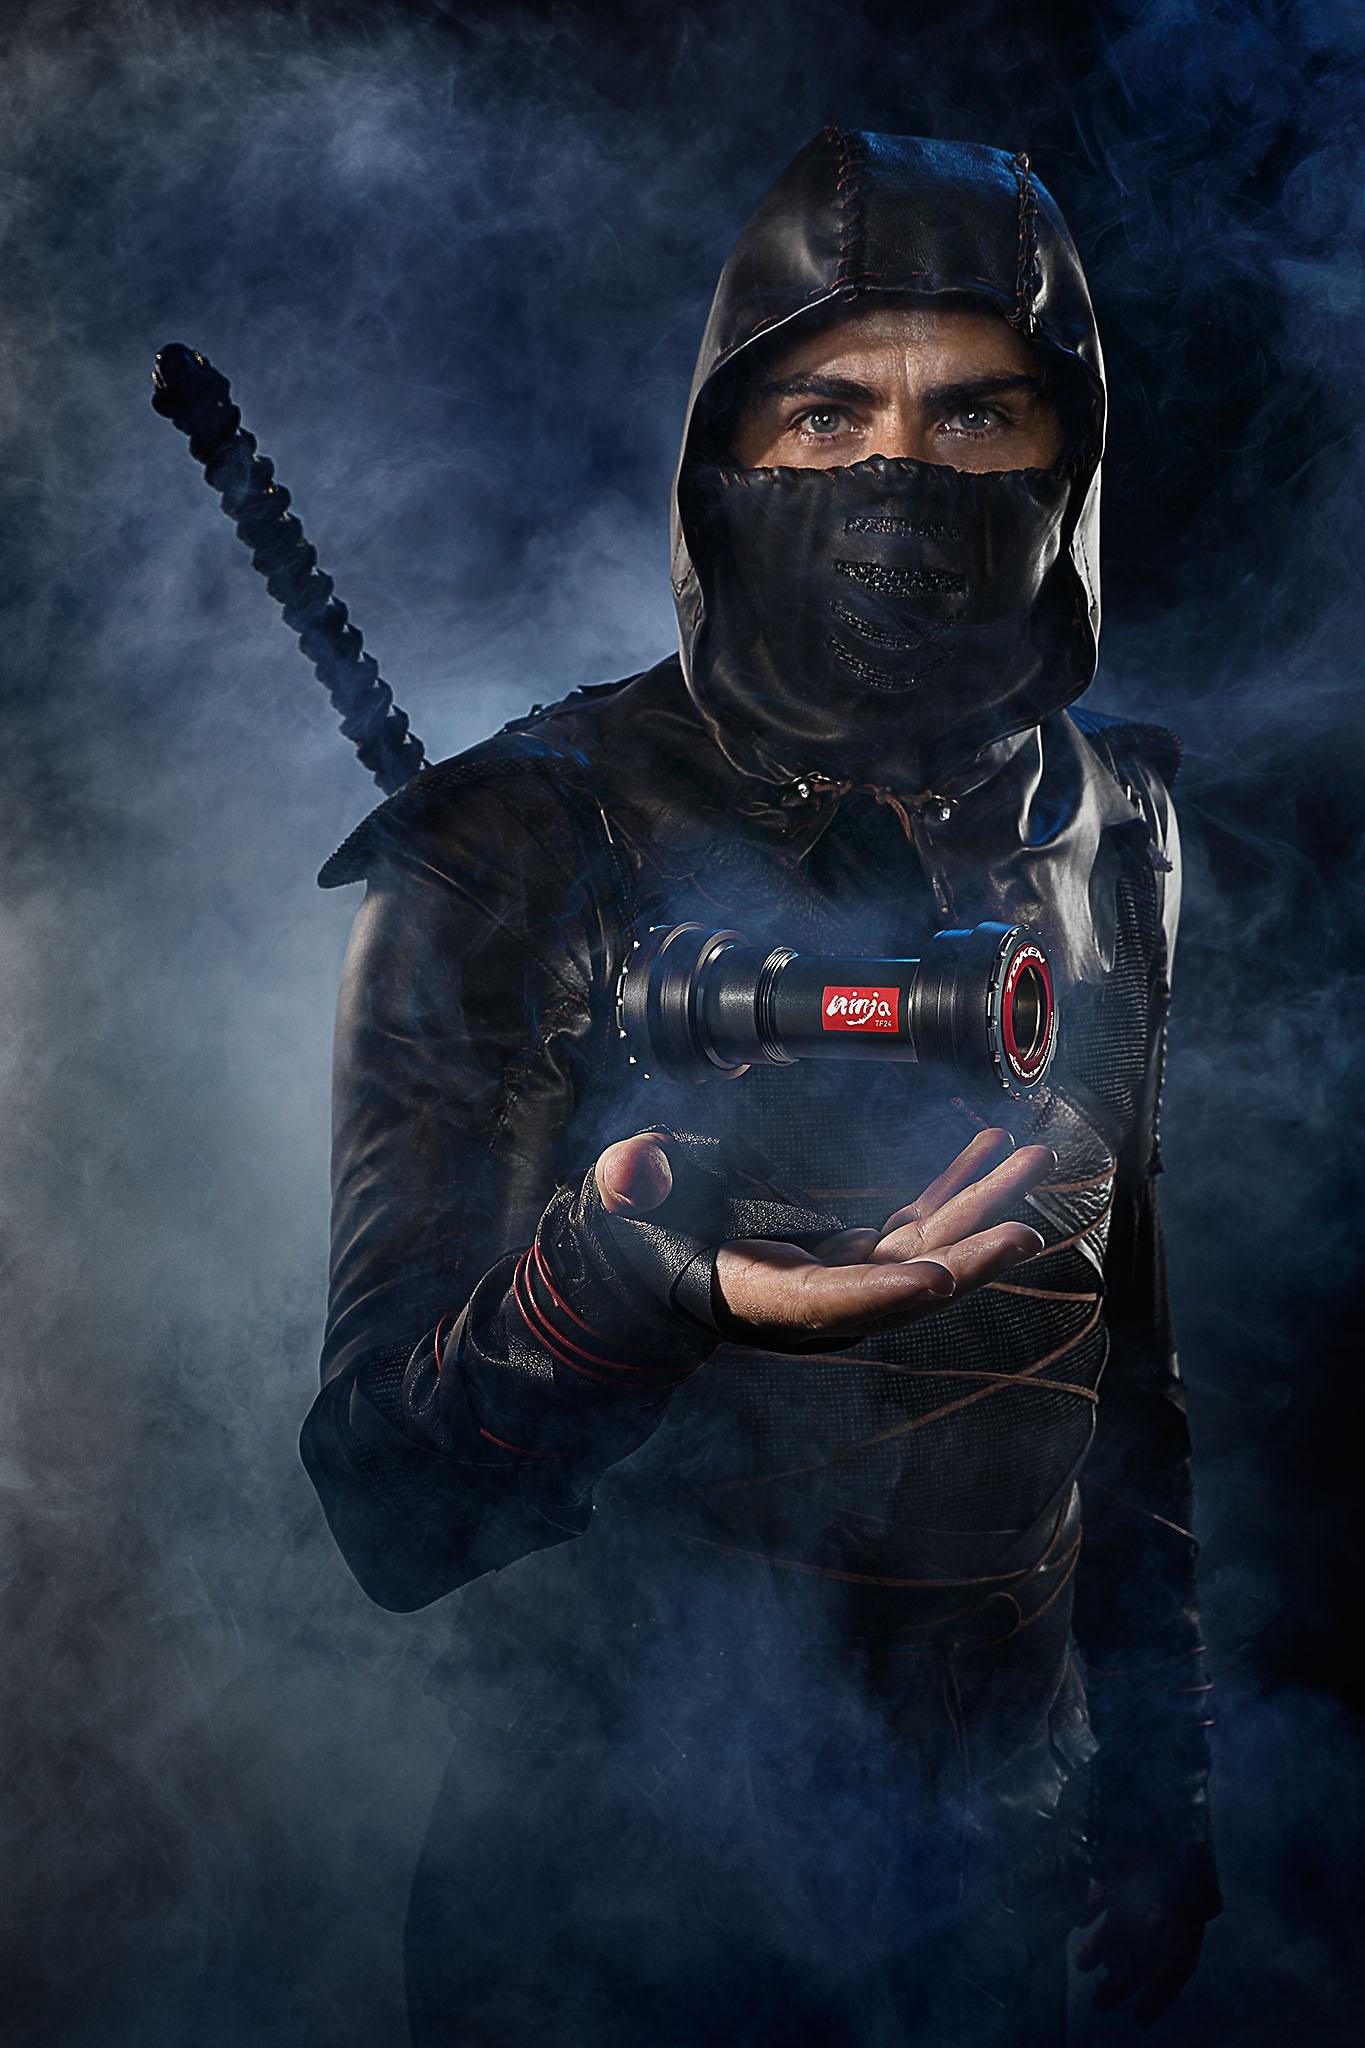 Ninja portrait 1H BB TF24 8bit 2048.jpg